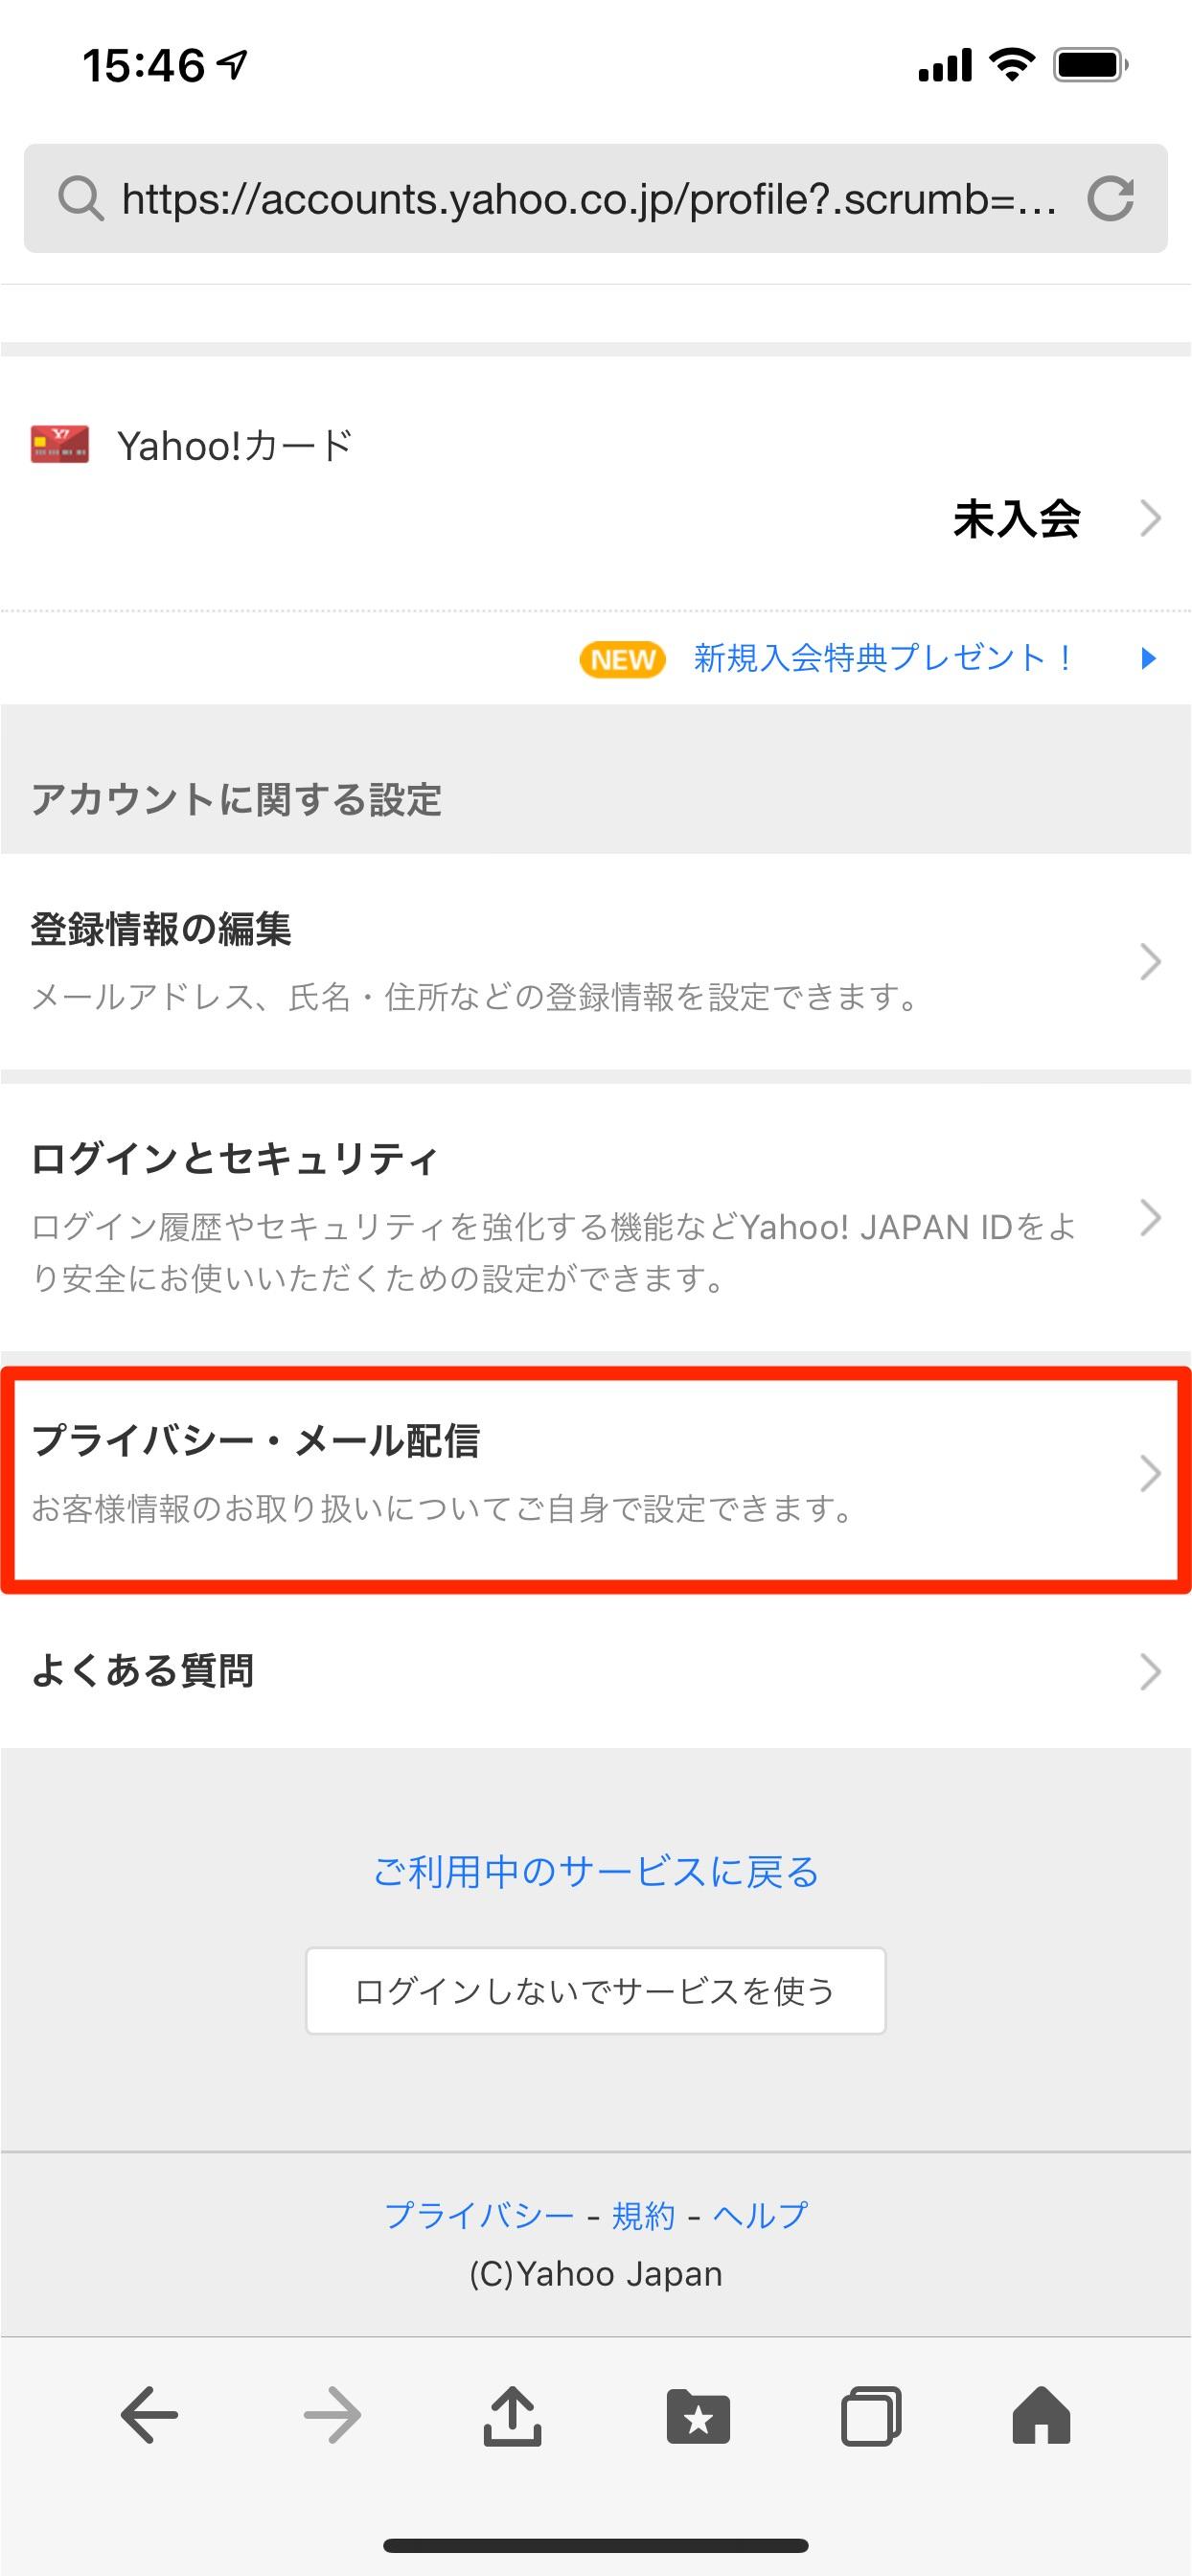 yahoo-score-app-3